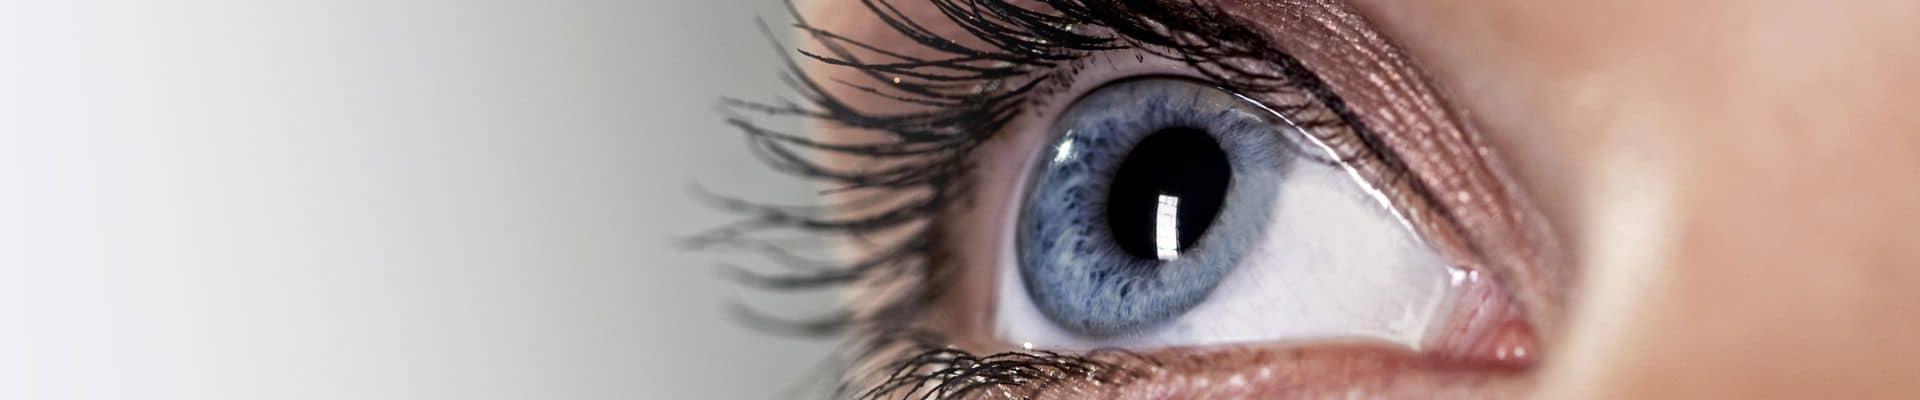 Lézeres látásjavító kezelések orvosi garanciával